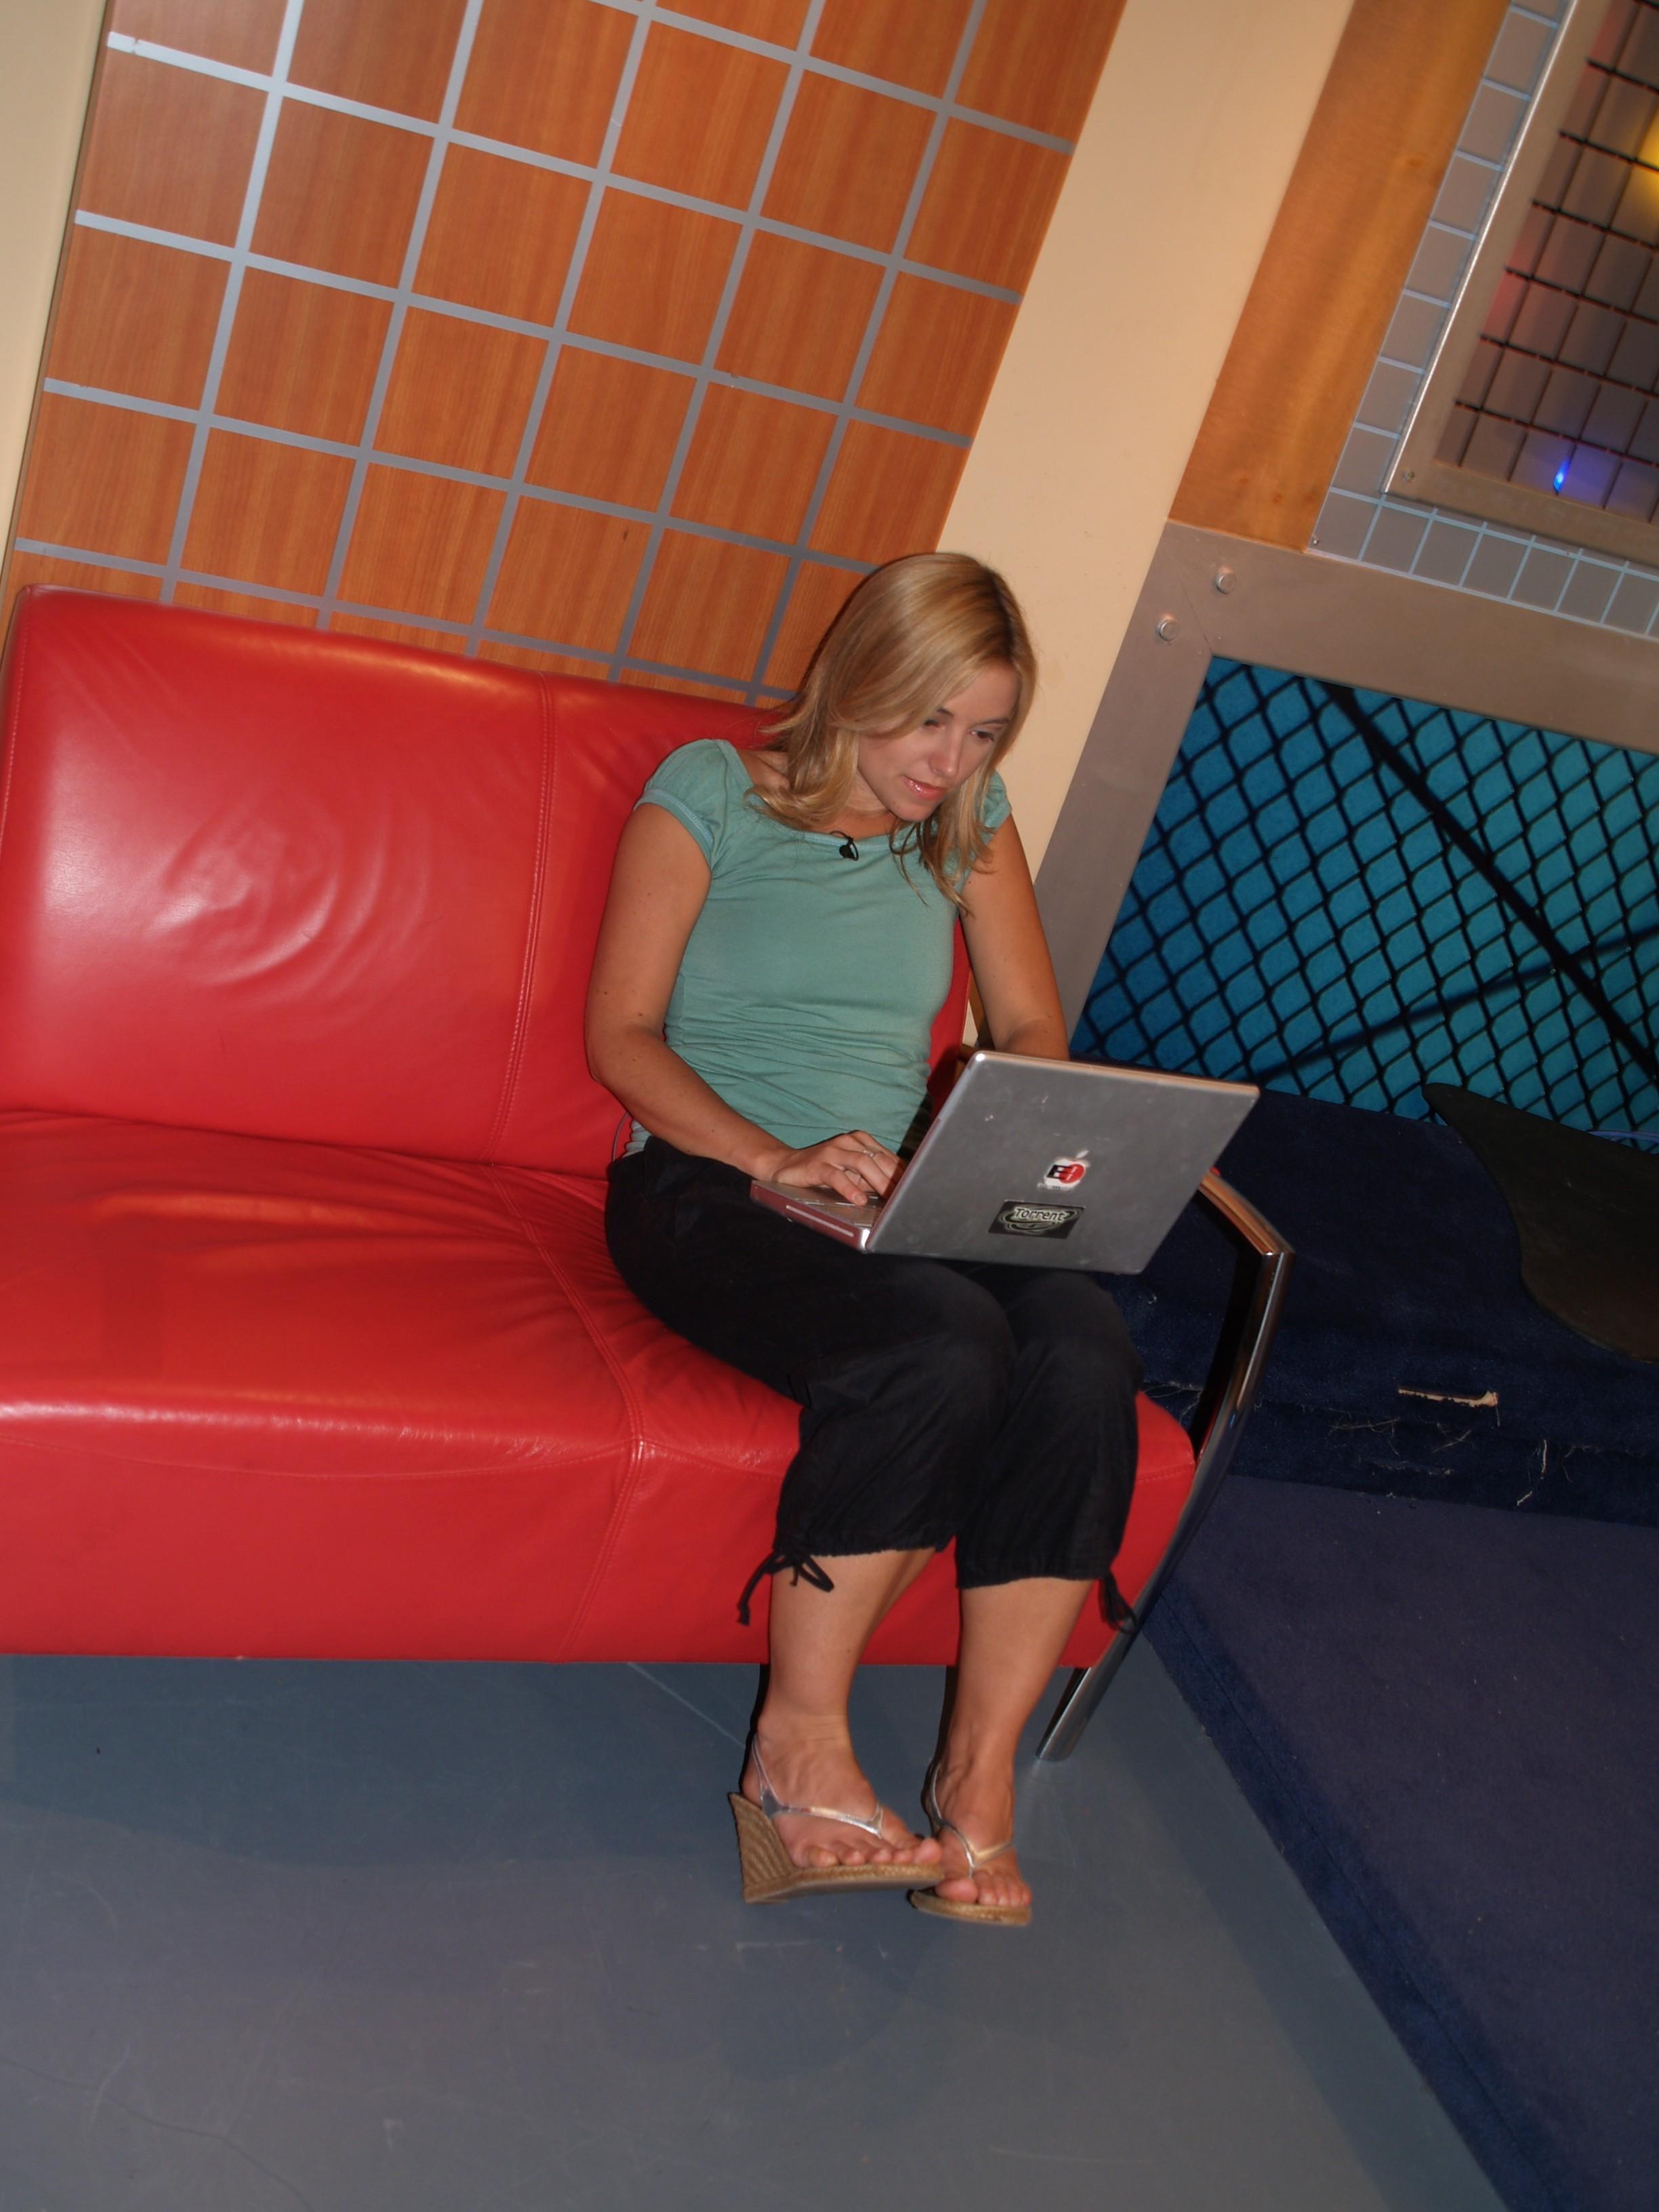 Amber MacArthur's Feet